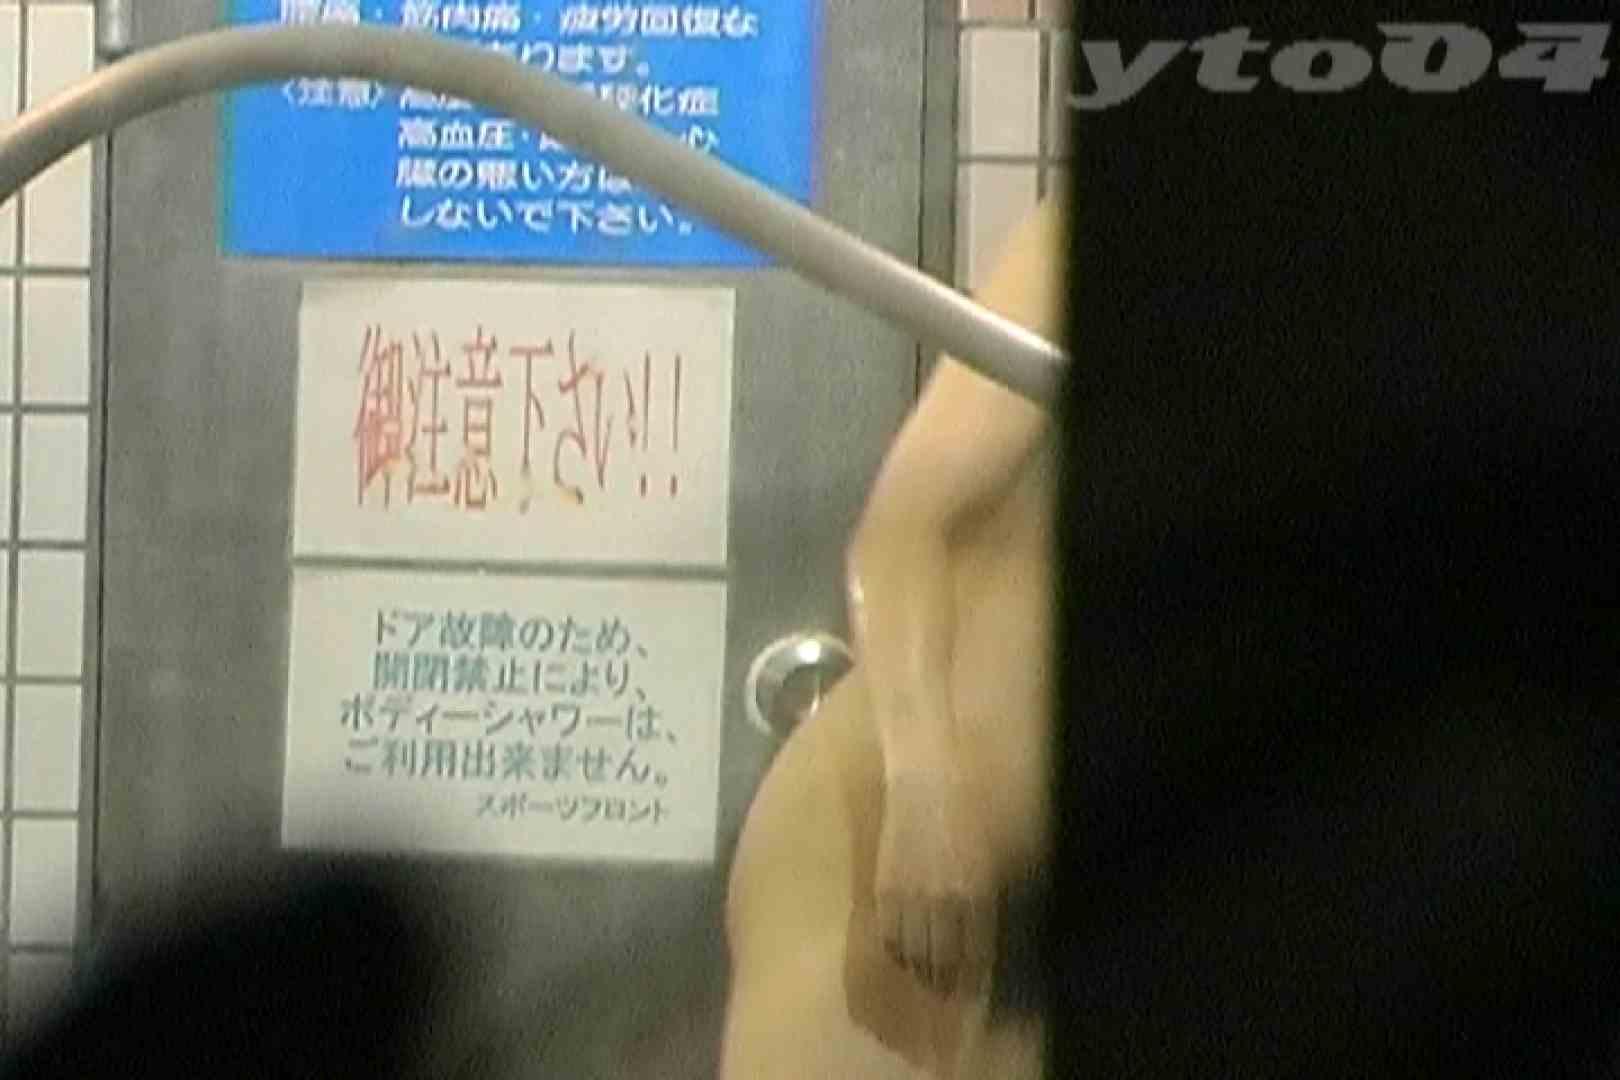 ▲復活限定▲合宿ホテル女風呂盗撮 Vol.23 合宿 盗み撮り動画キャプチャ 43pic 40